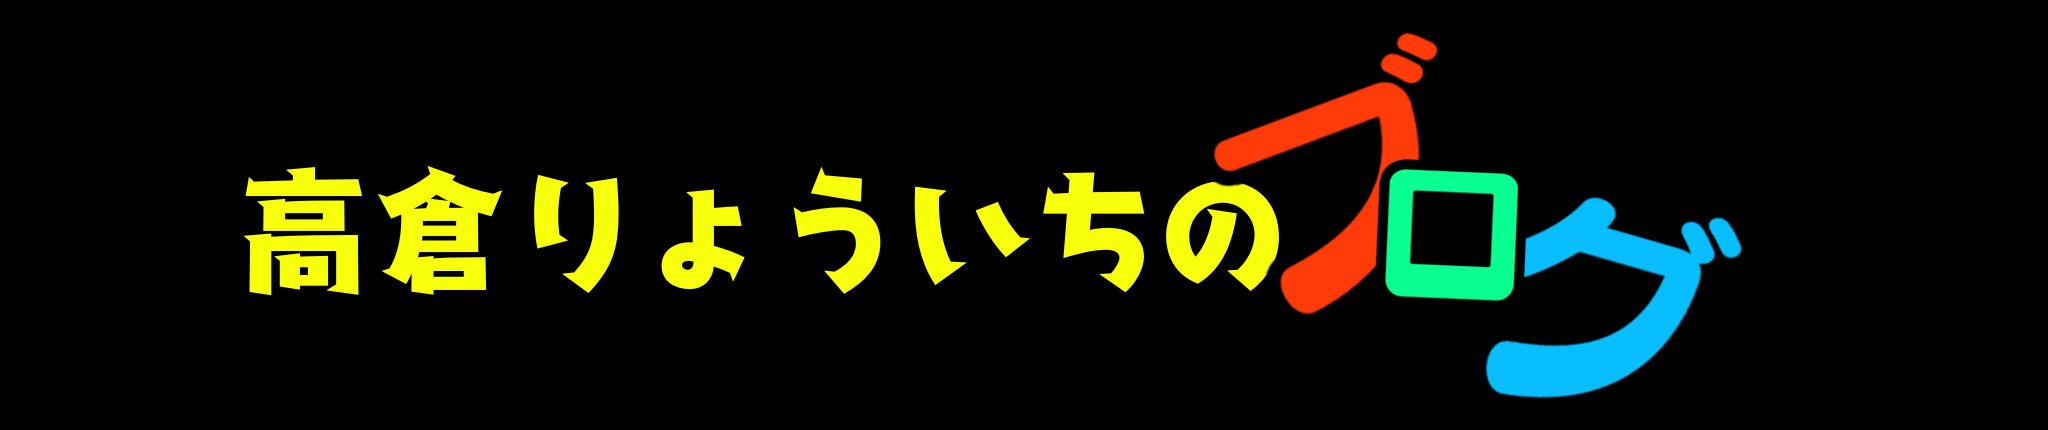 高倉りょういちのブログ